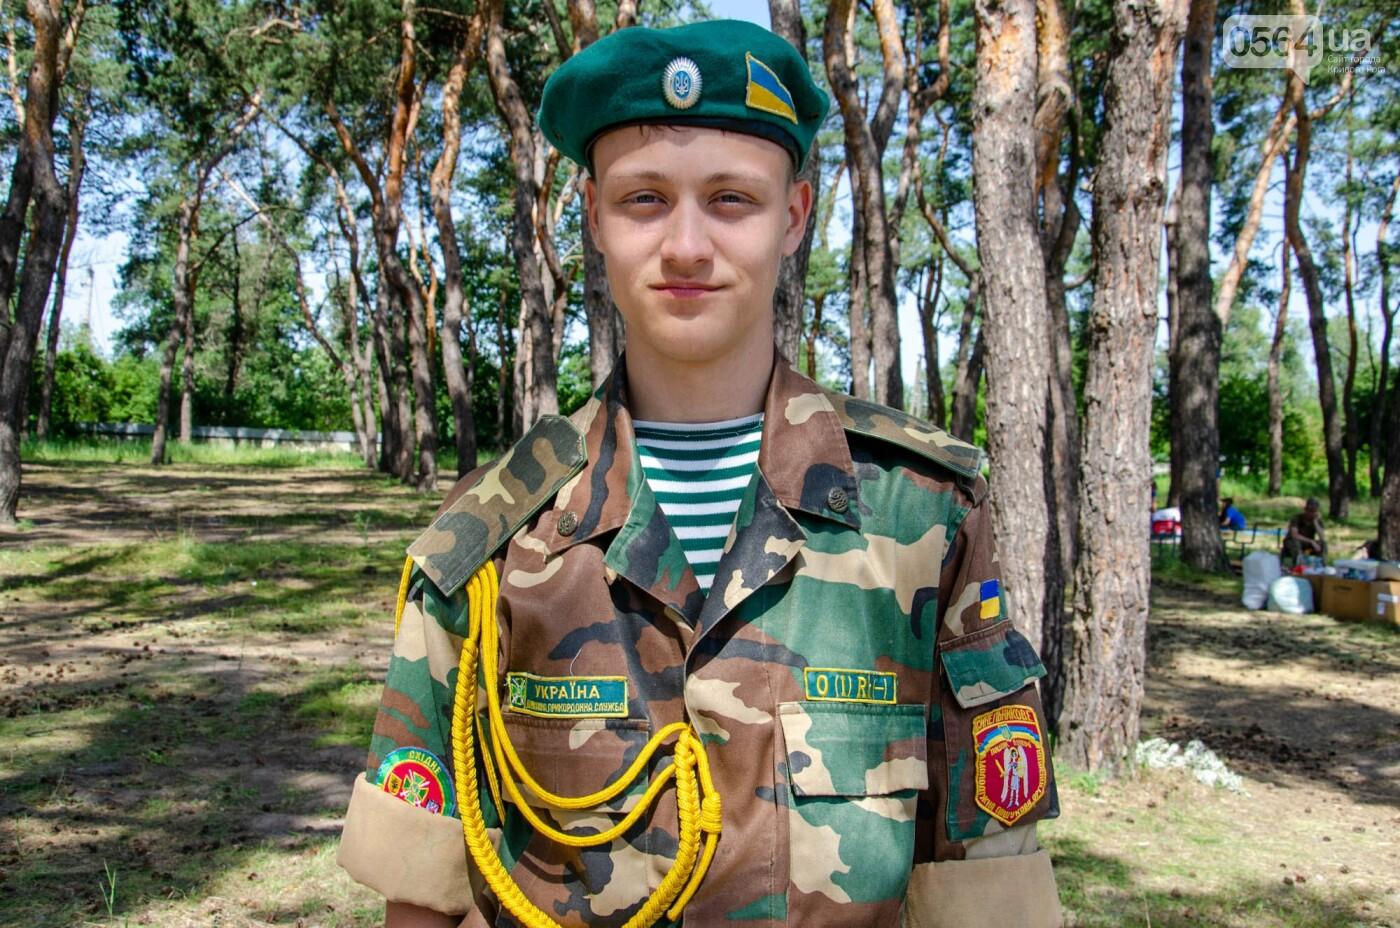 Криворожские школьники приняли участие в областном этапе военно-патриотической игры «Джура», - ФОТО, фото-2